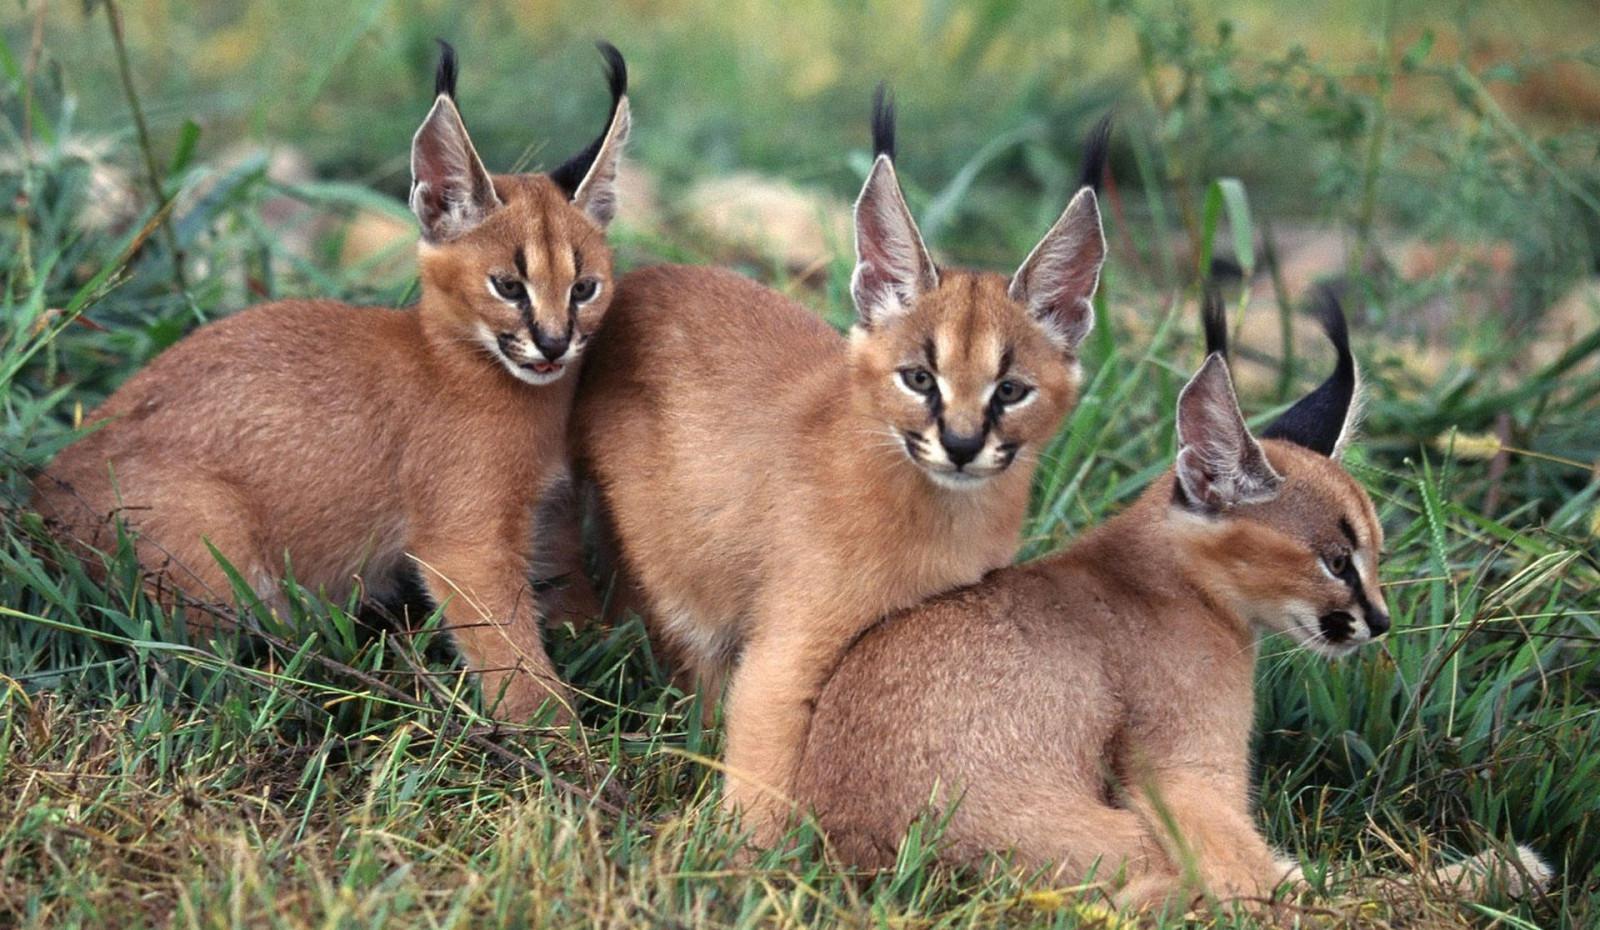 Hintergrundbilder : 1920x1116 px, Tierbilder, Babytiere